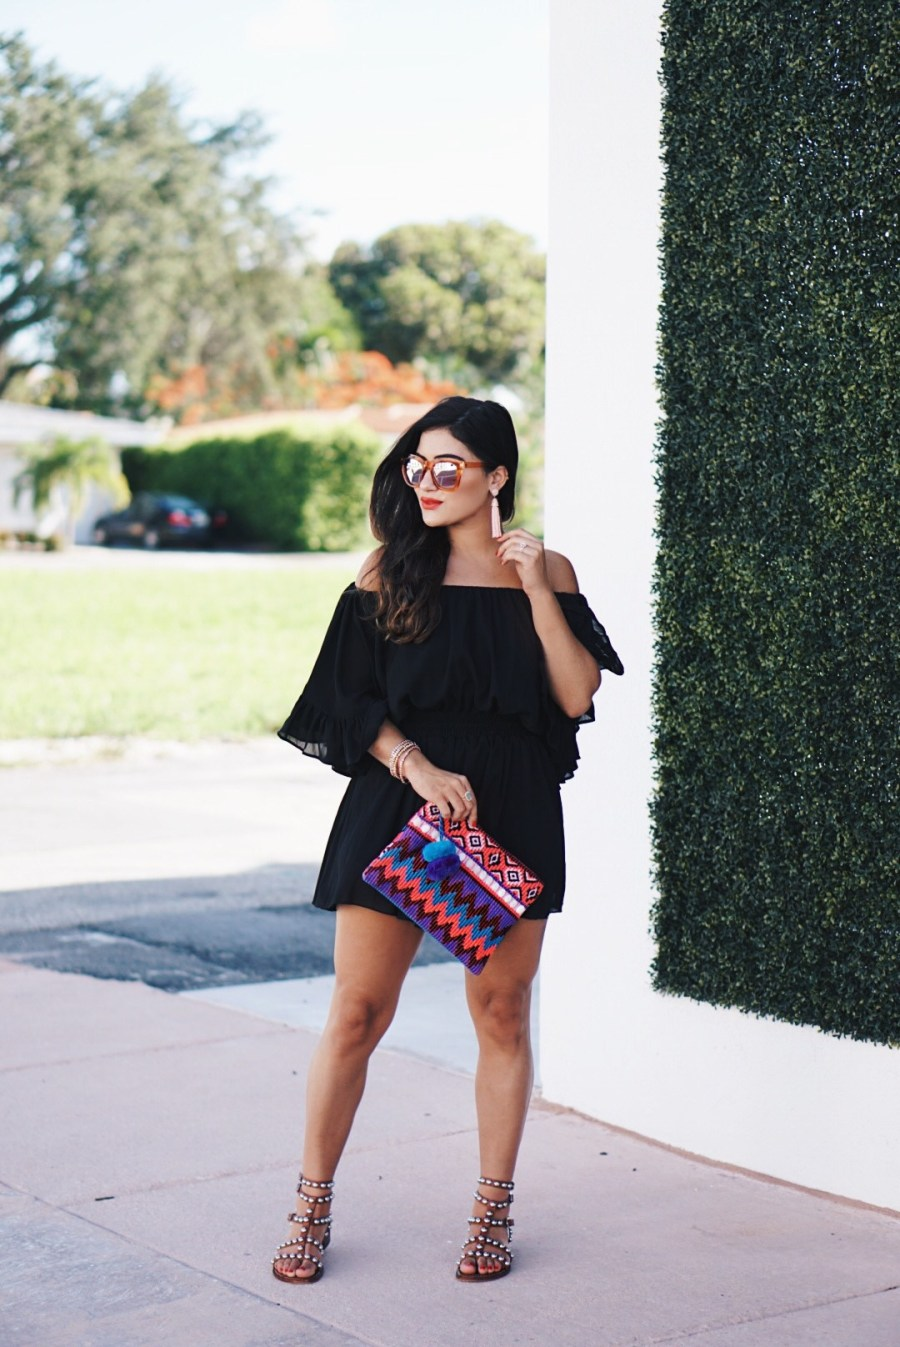 Sugar Love Chic blogger Krista Perez styles black ruffle romper